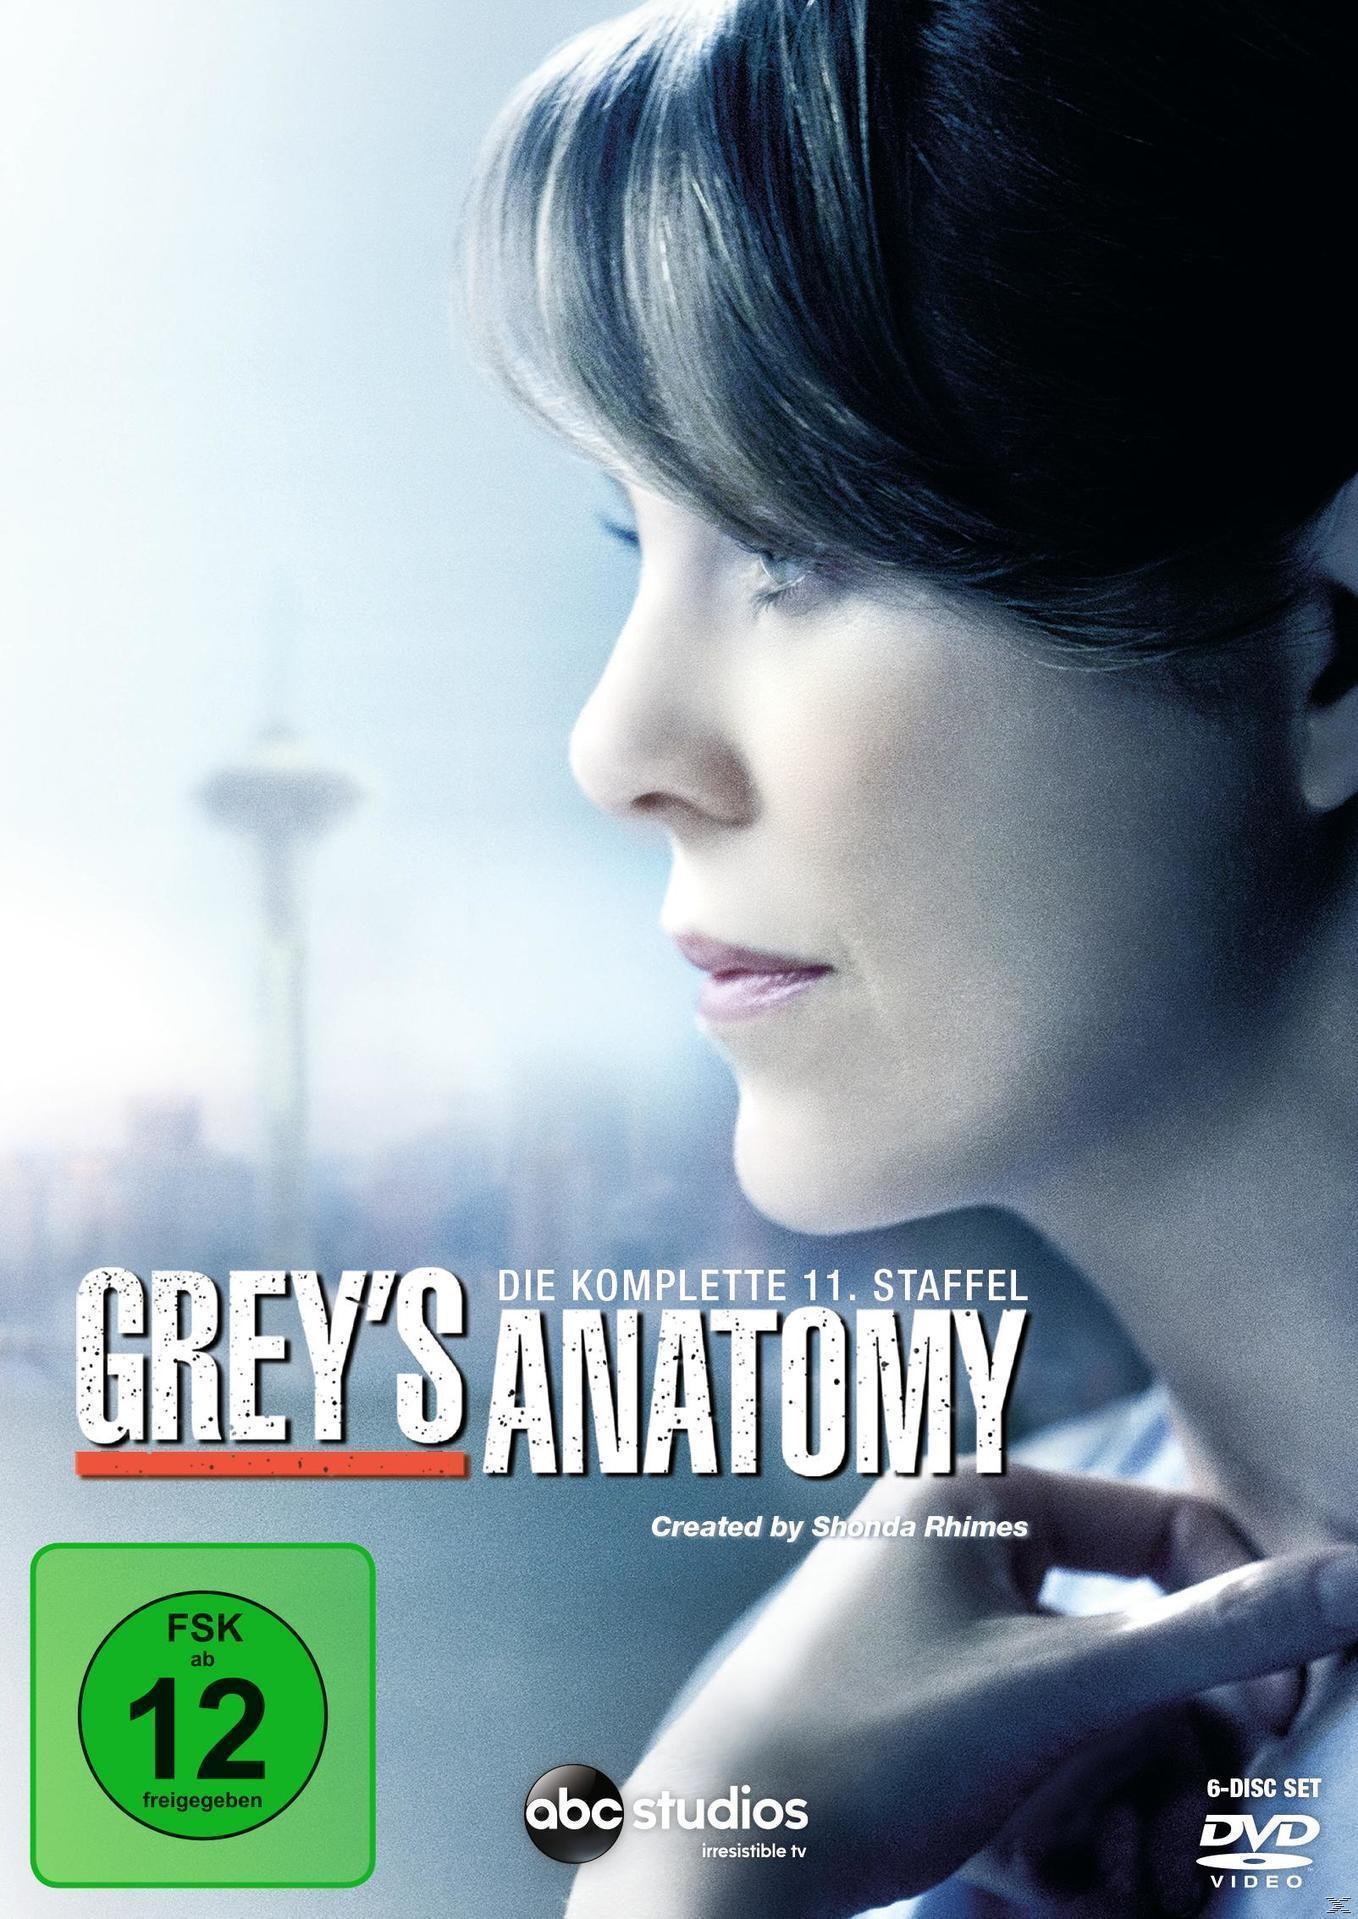 Grey's Anatomy - 11. Staffel DVD-Box (DVD) für 13,99 Euro